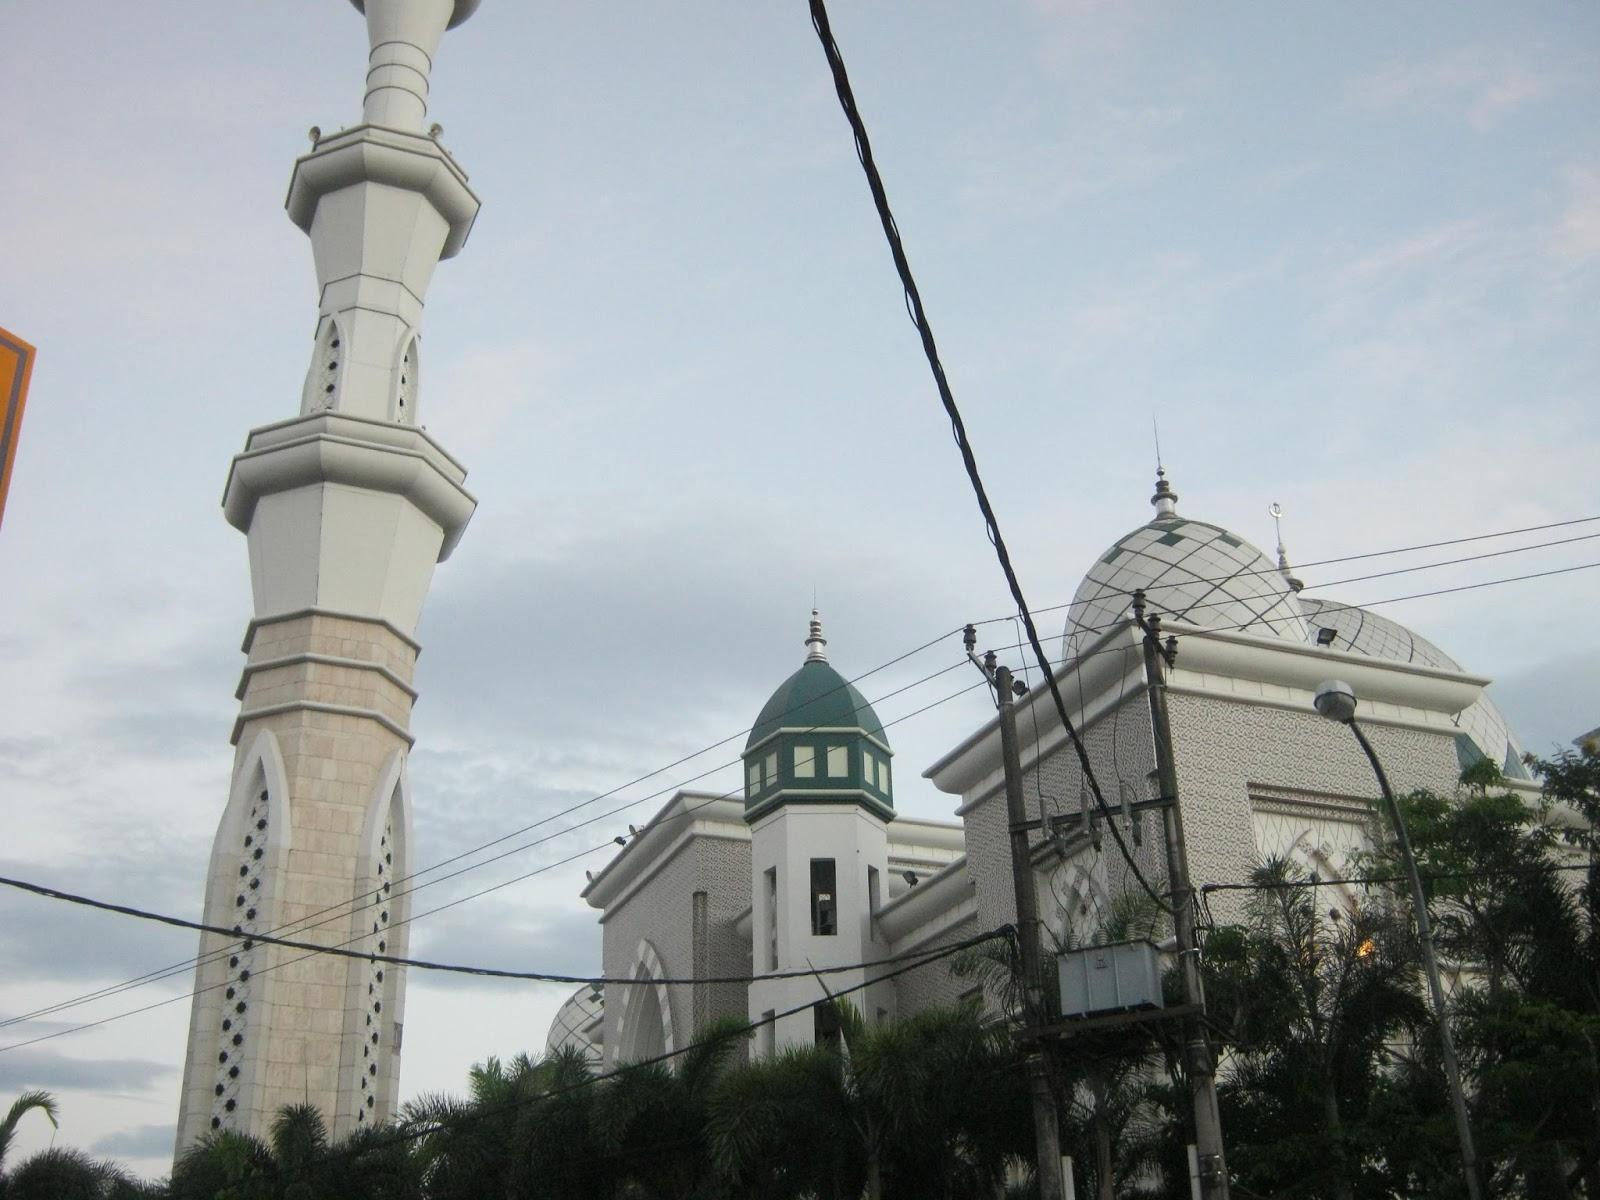 Jelajah Masjid Raya Makassar Mengunjungi Keharusan Buat Berada Sebab Disetiap